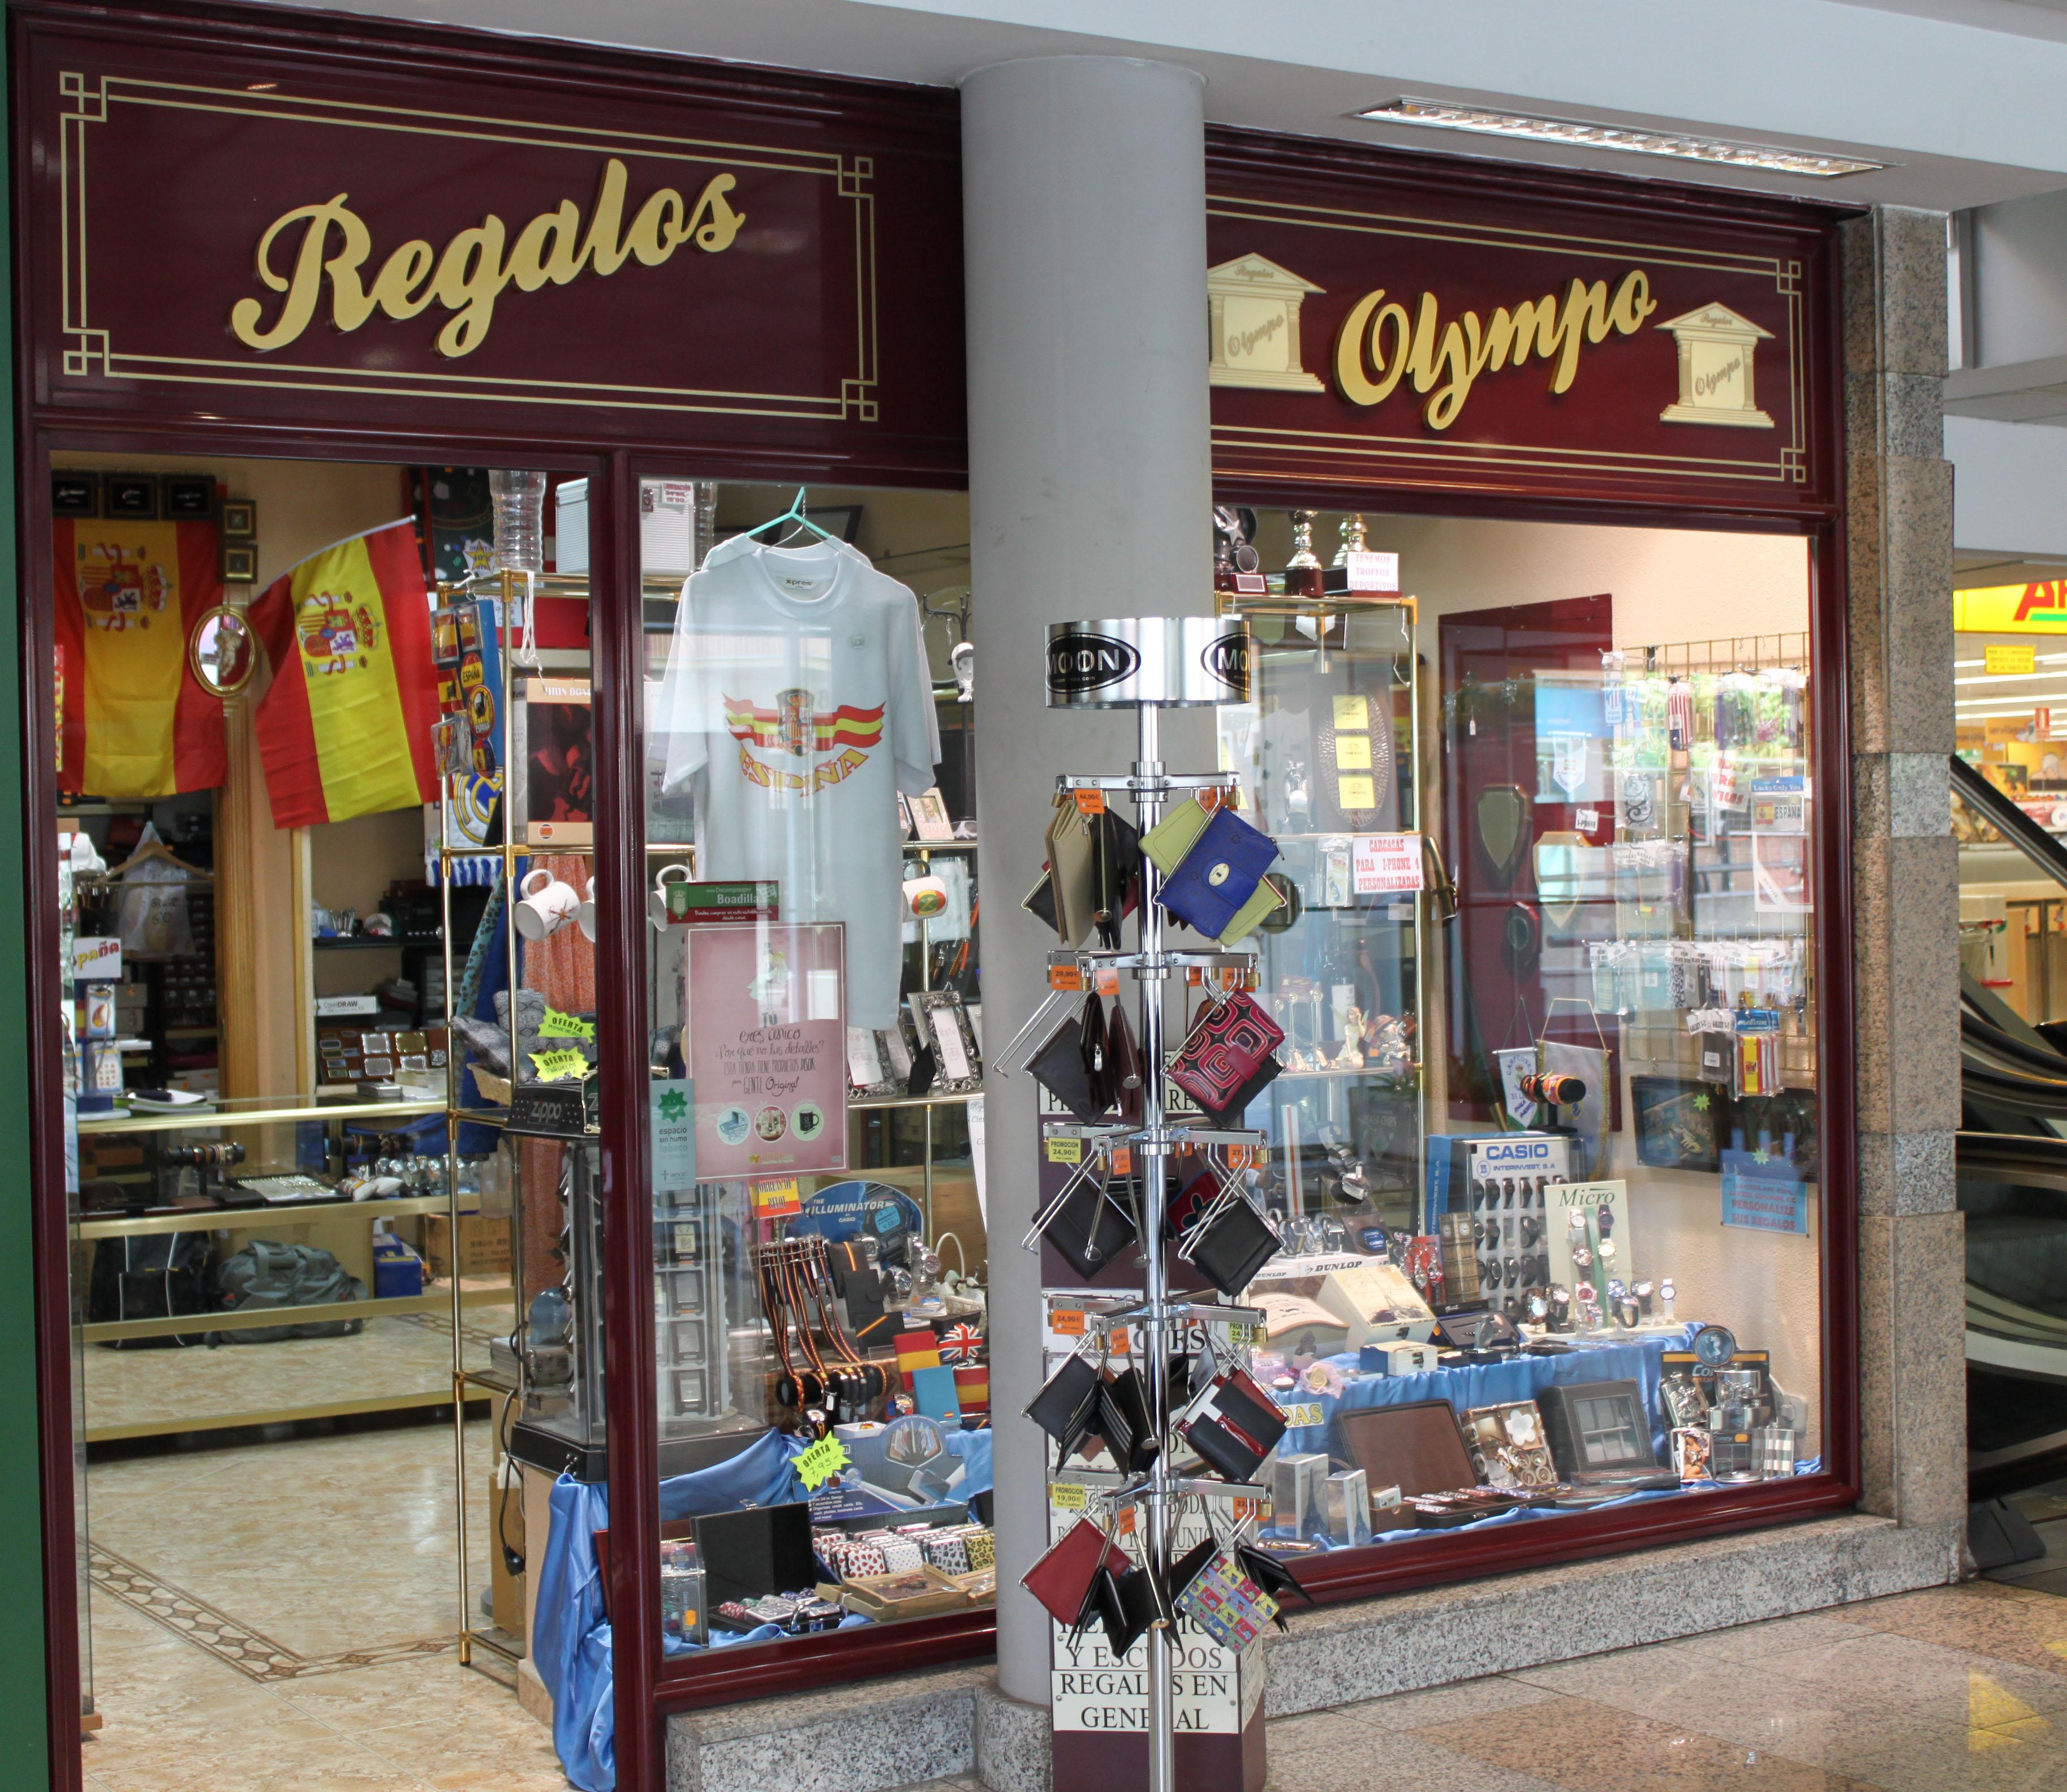 Tienda Regalos Olympo